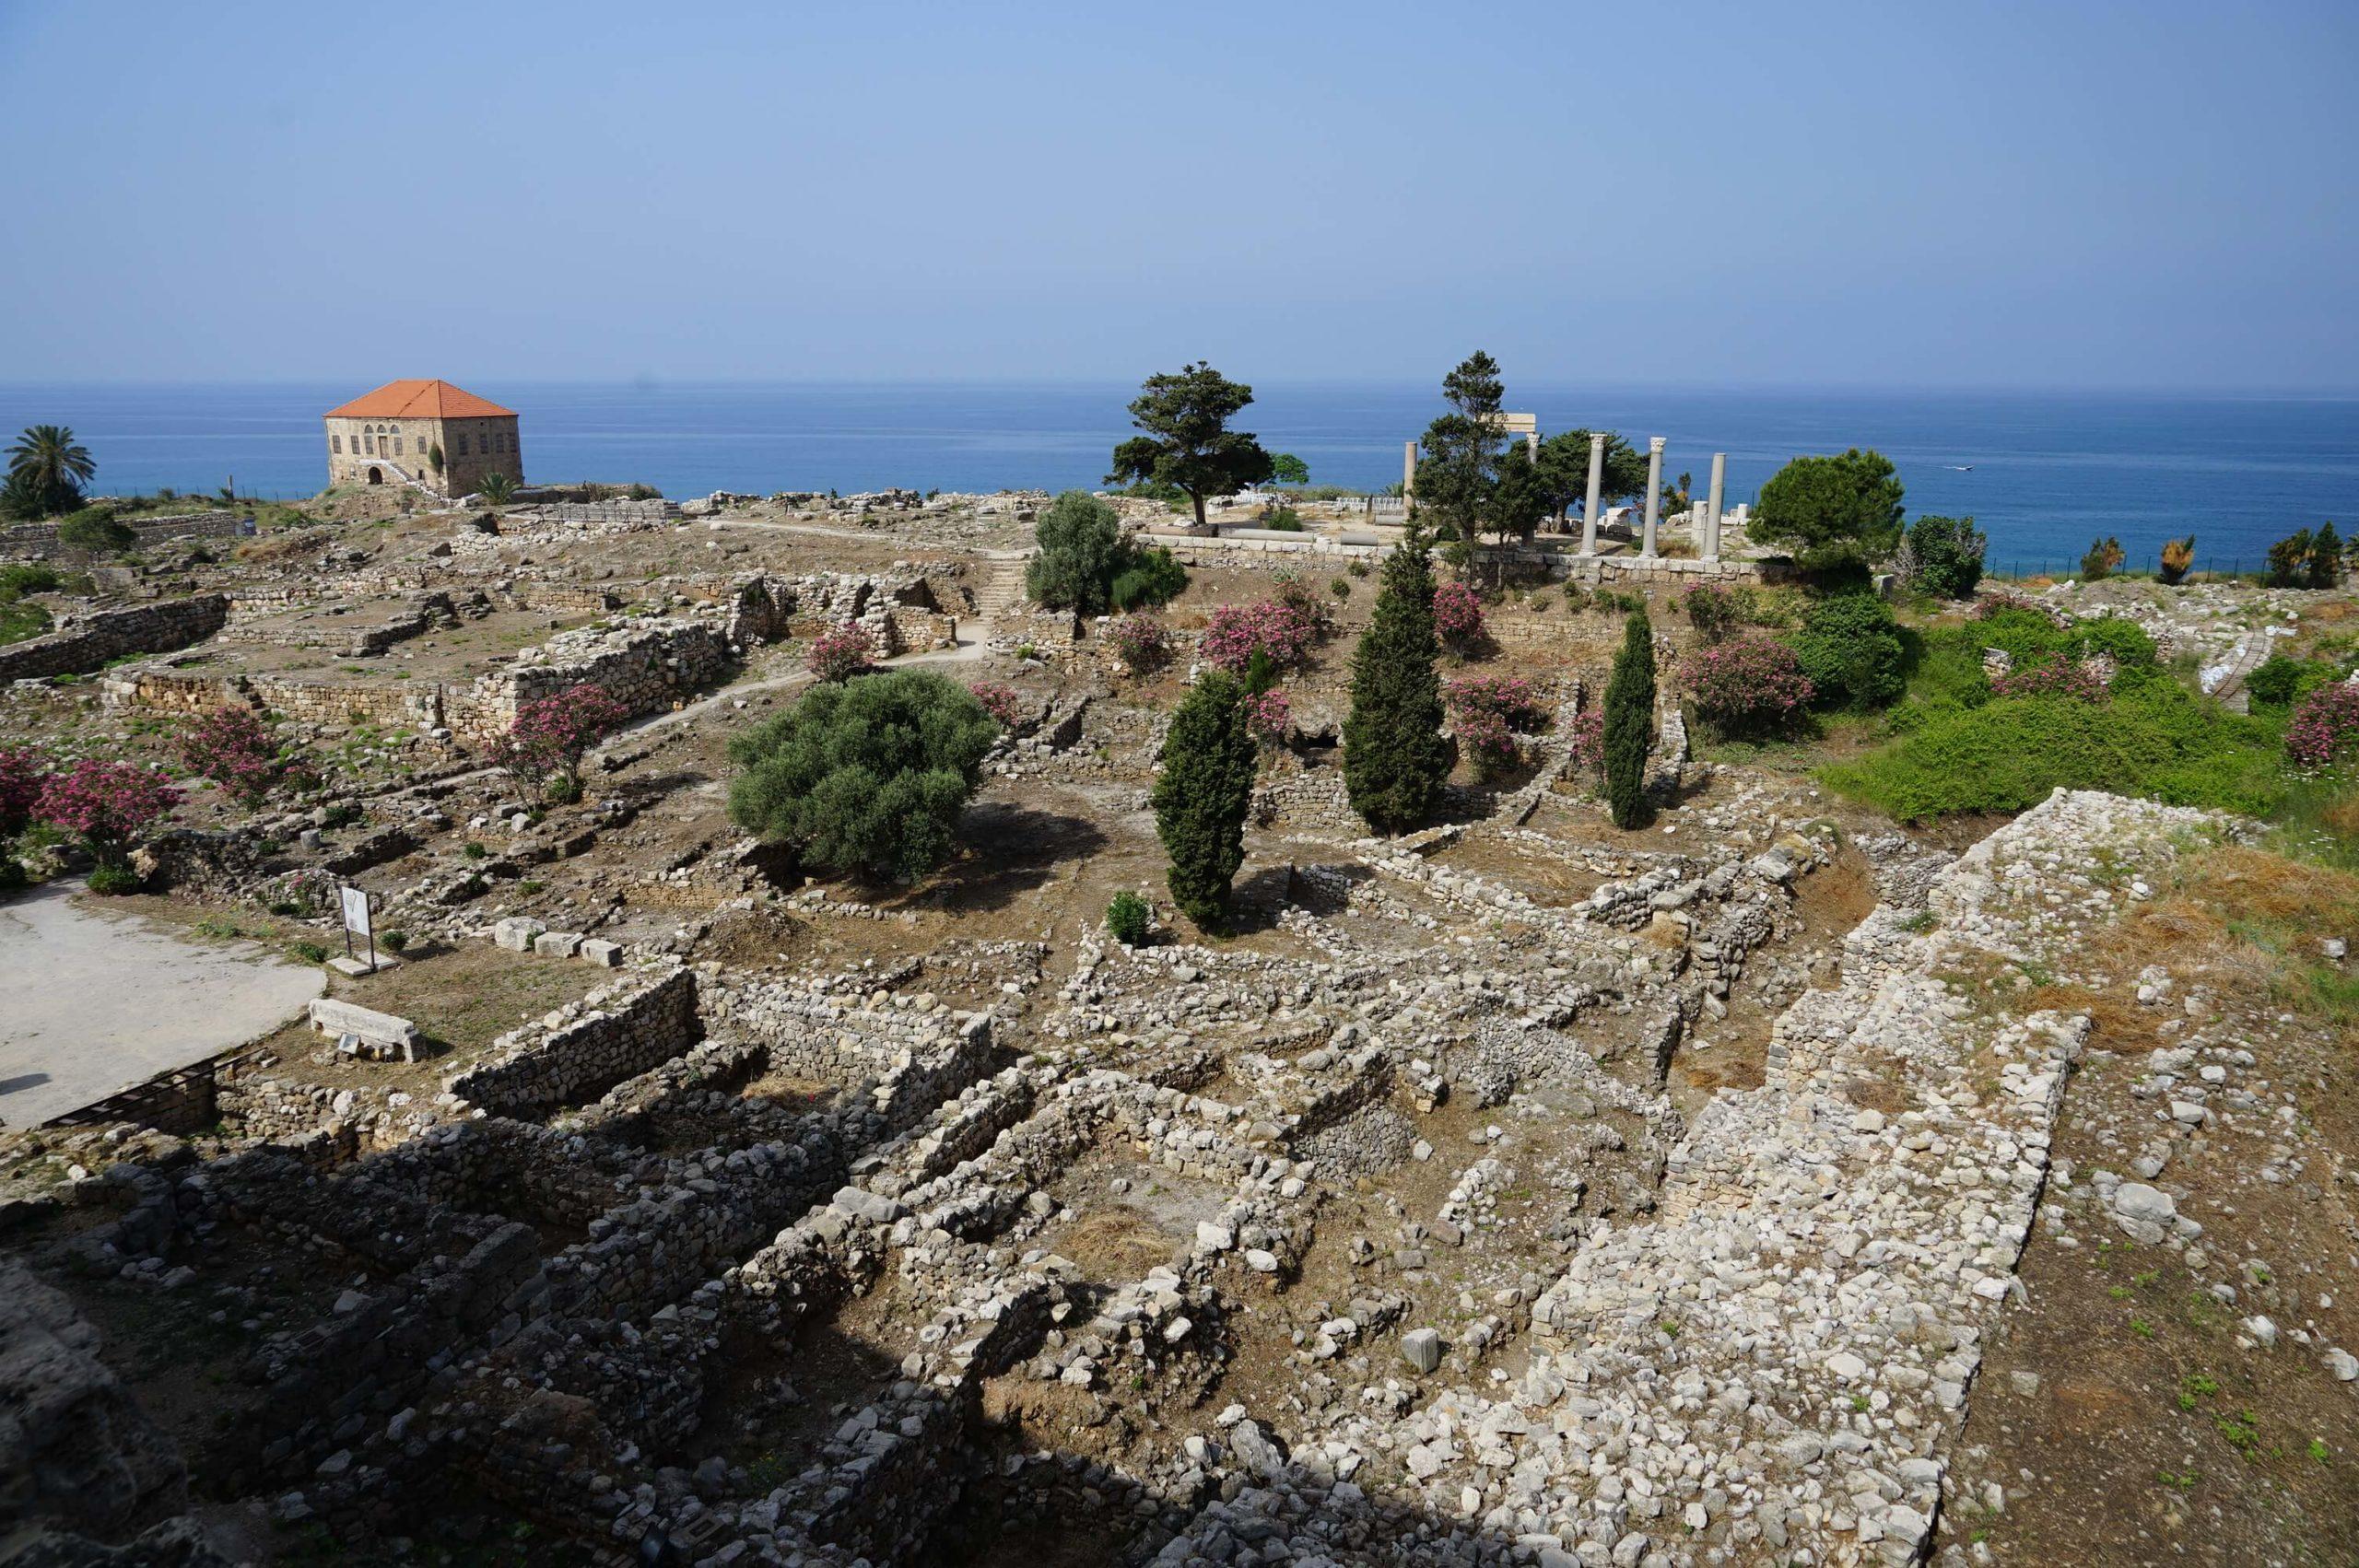 Byblos, Jeita and Harissa – Lebanon